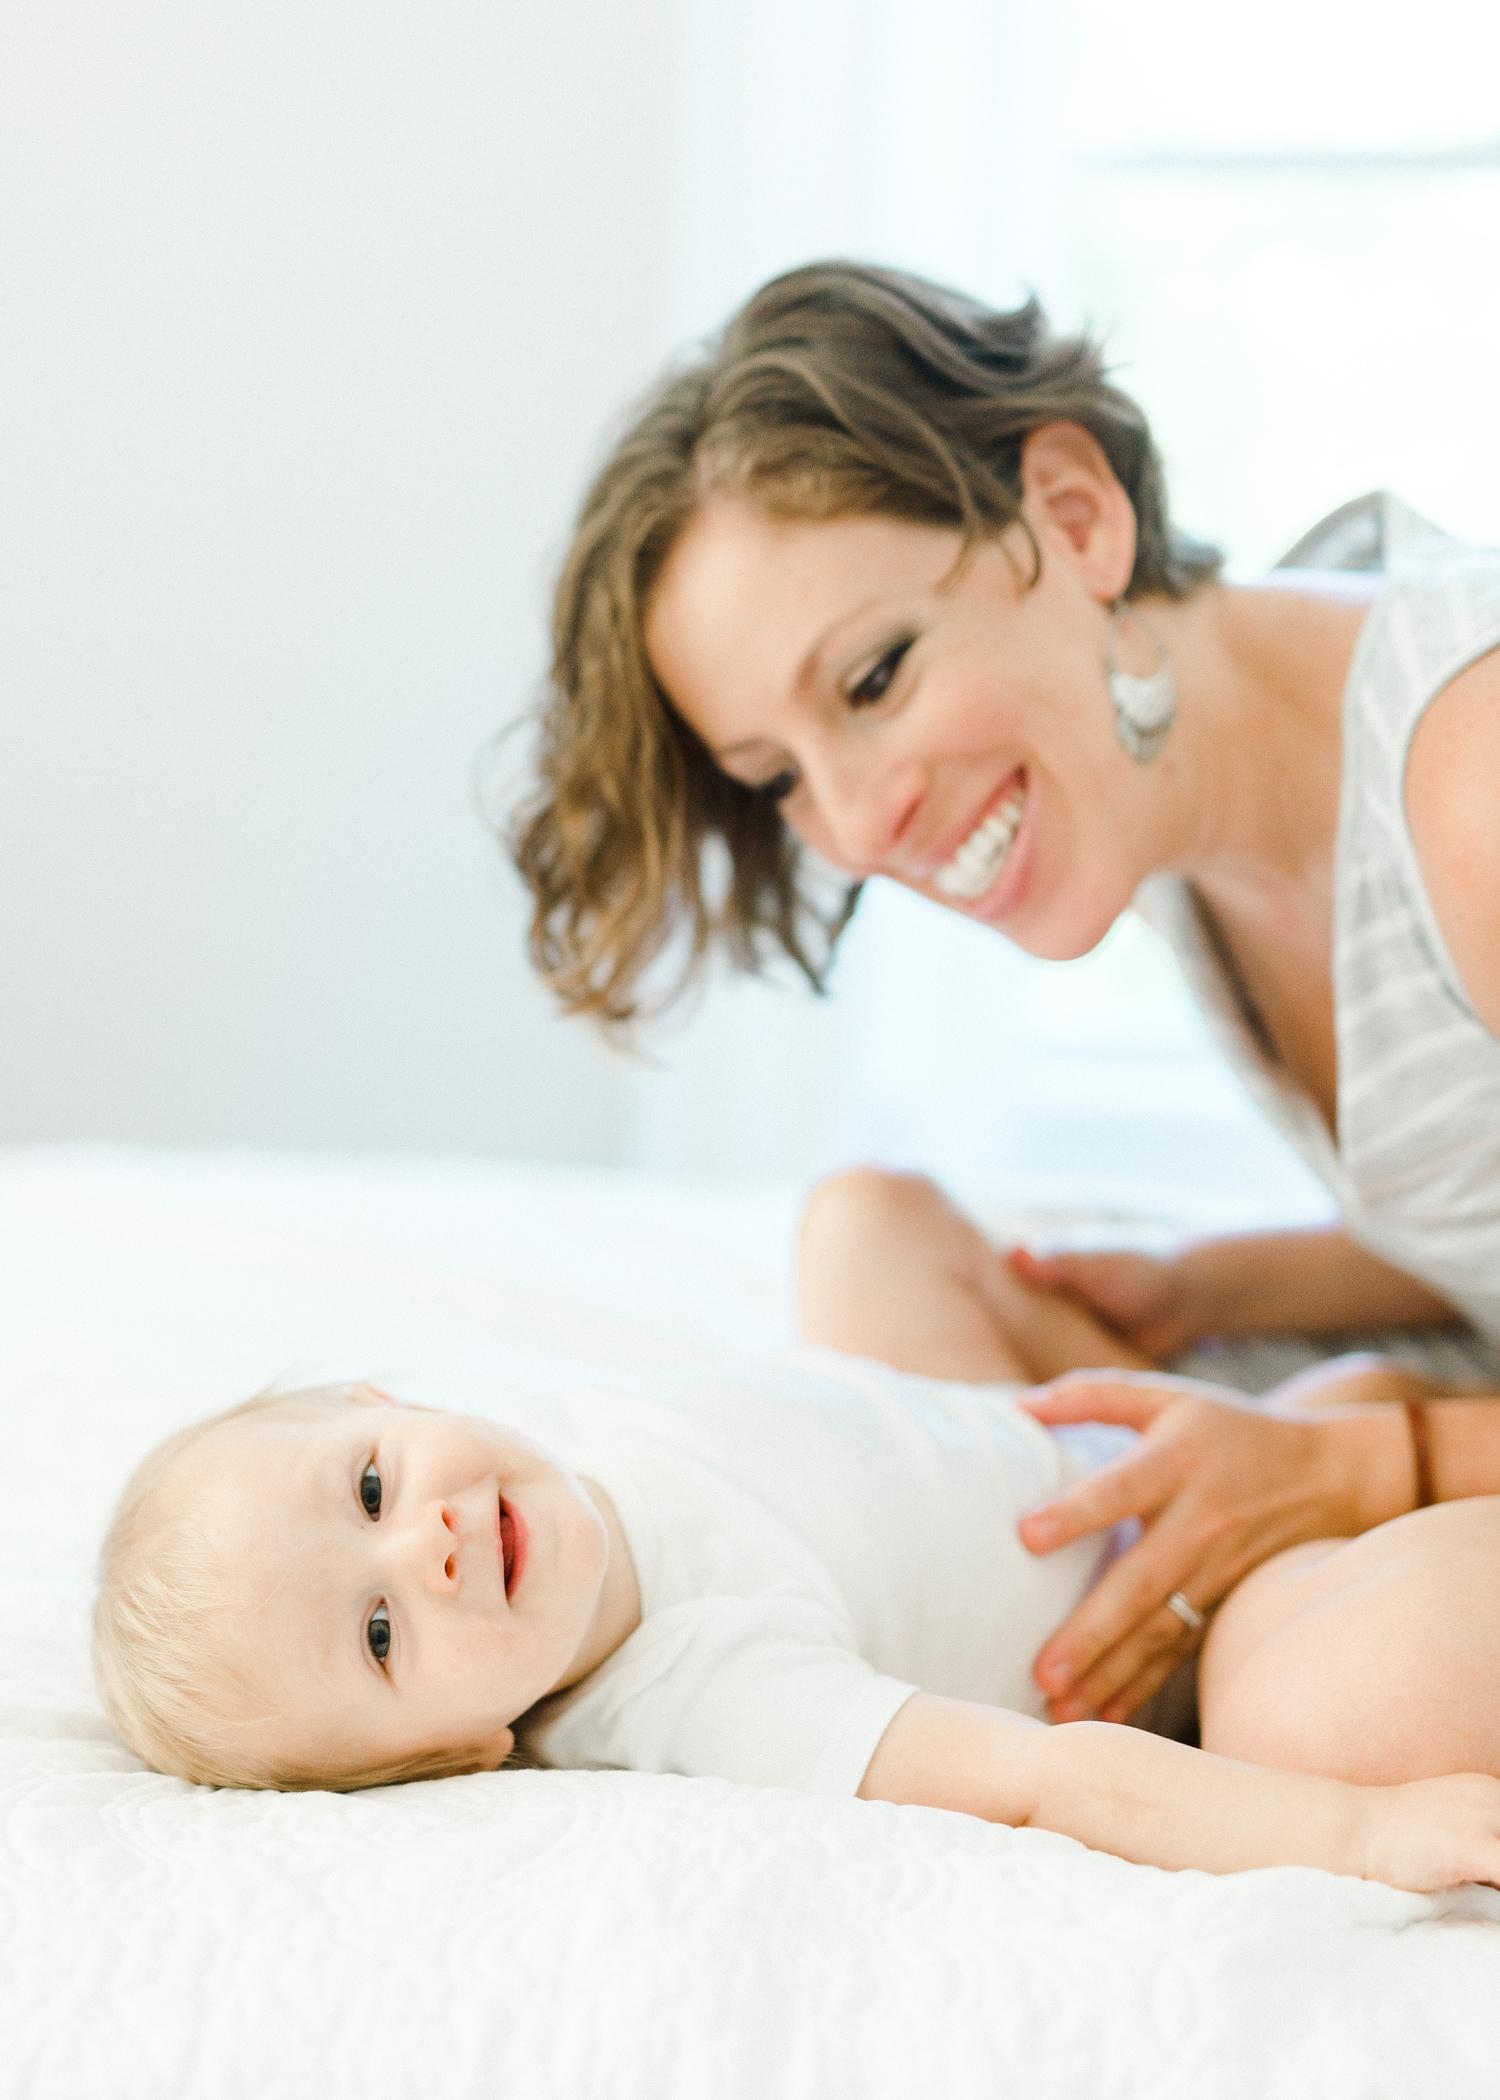 charlottesville_virginia_motherhood_family_photographer_0005.jpg